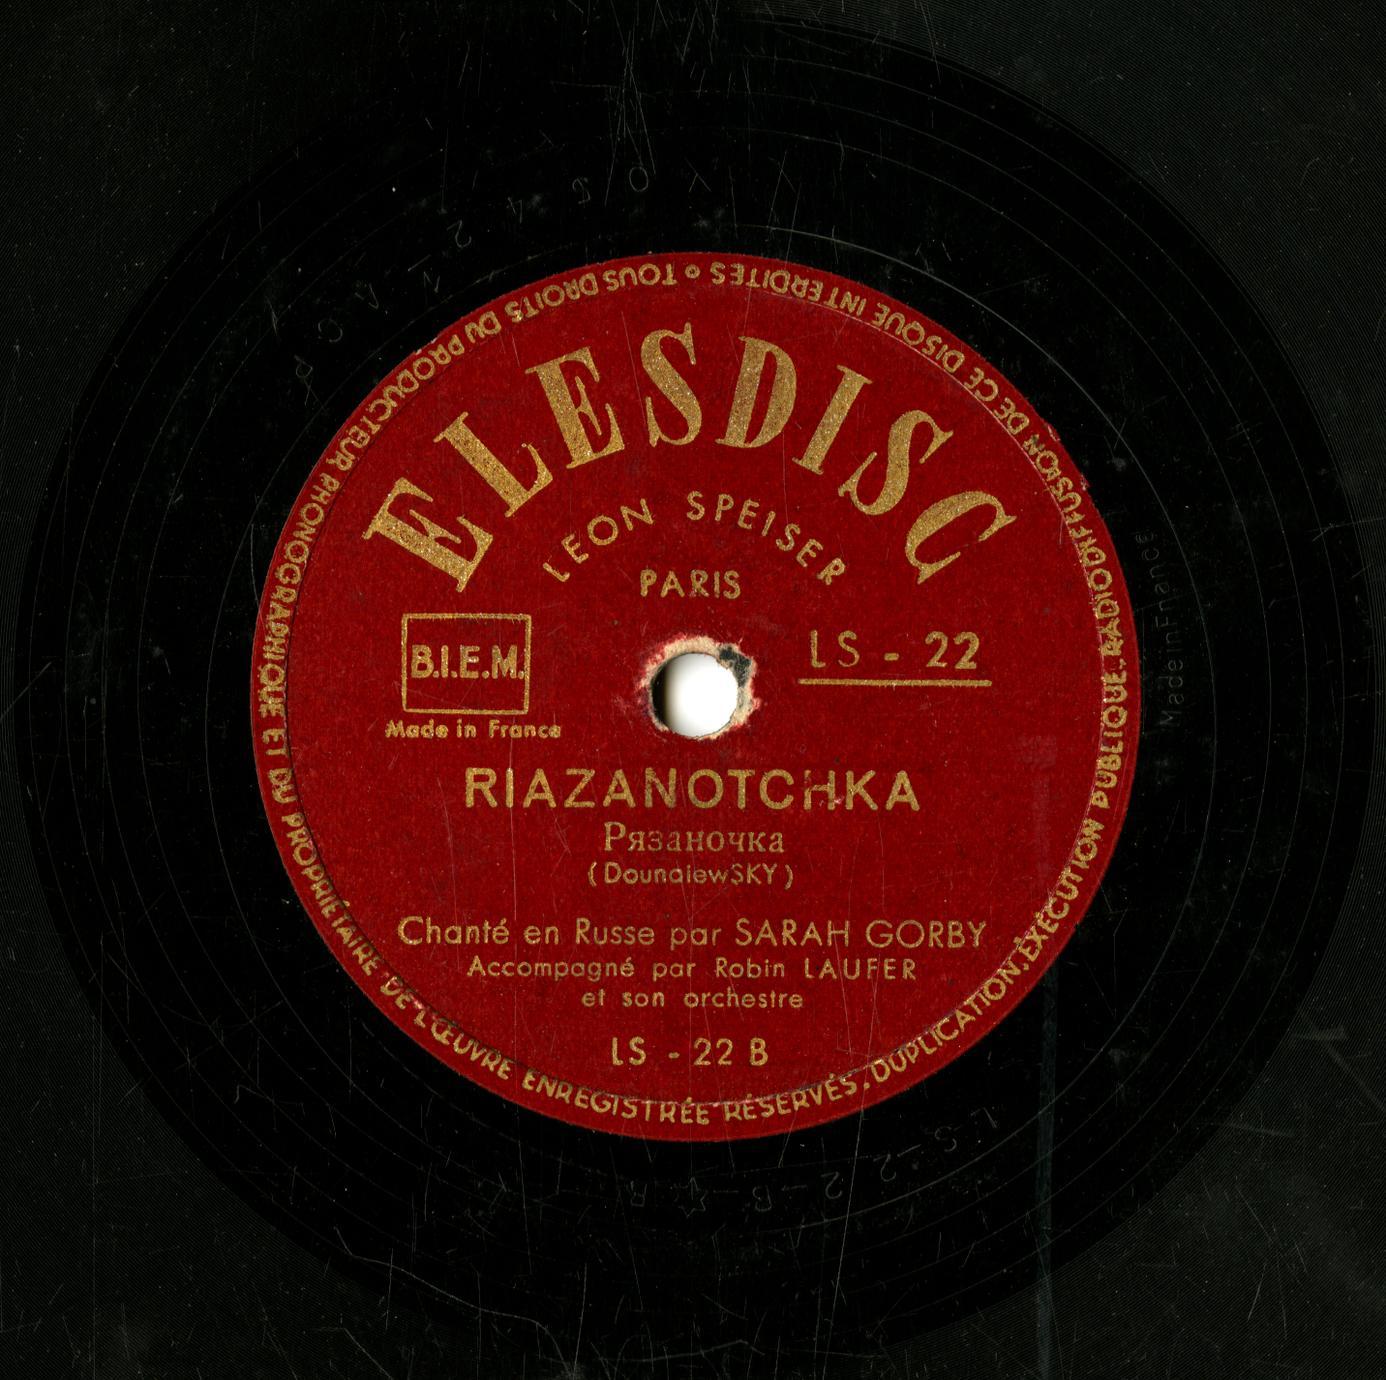 Riazanotchka